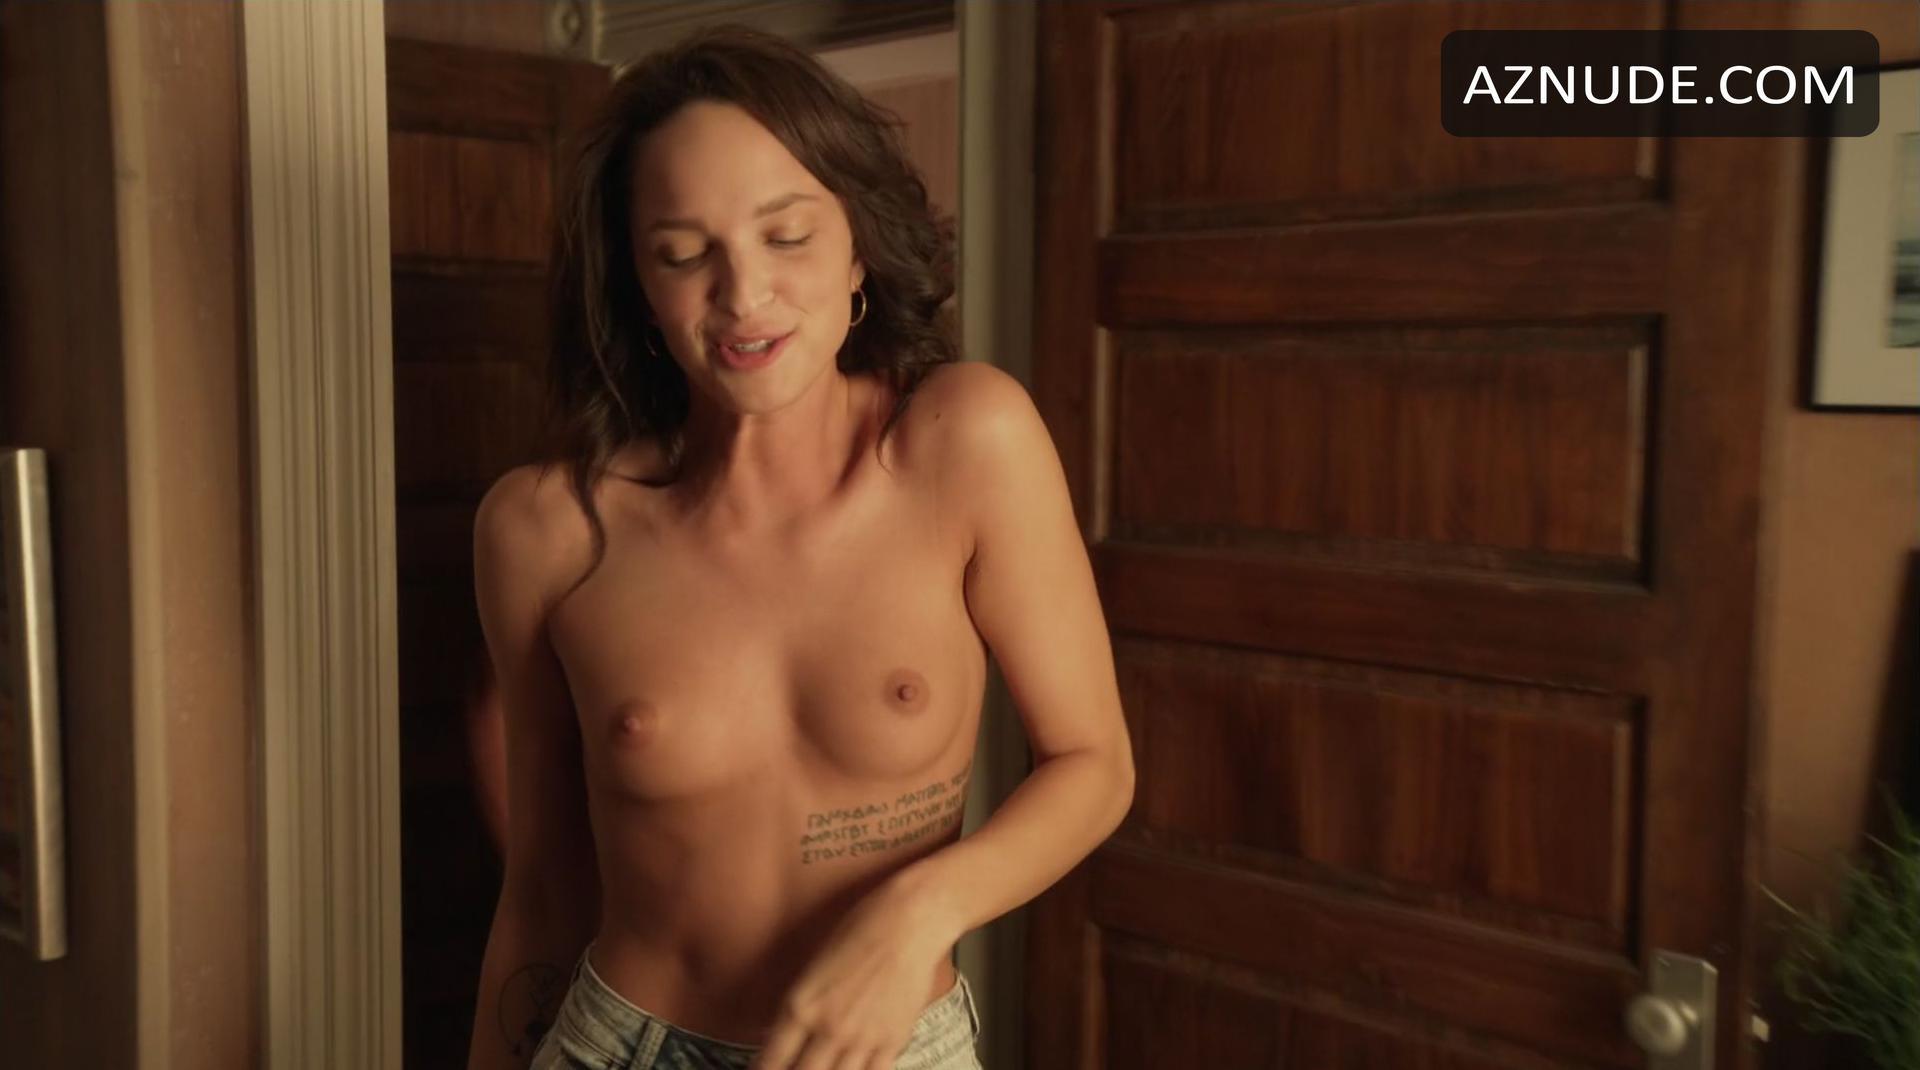 Eva mendes sex scne